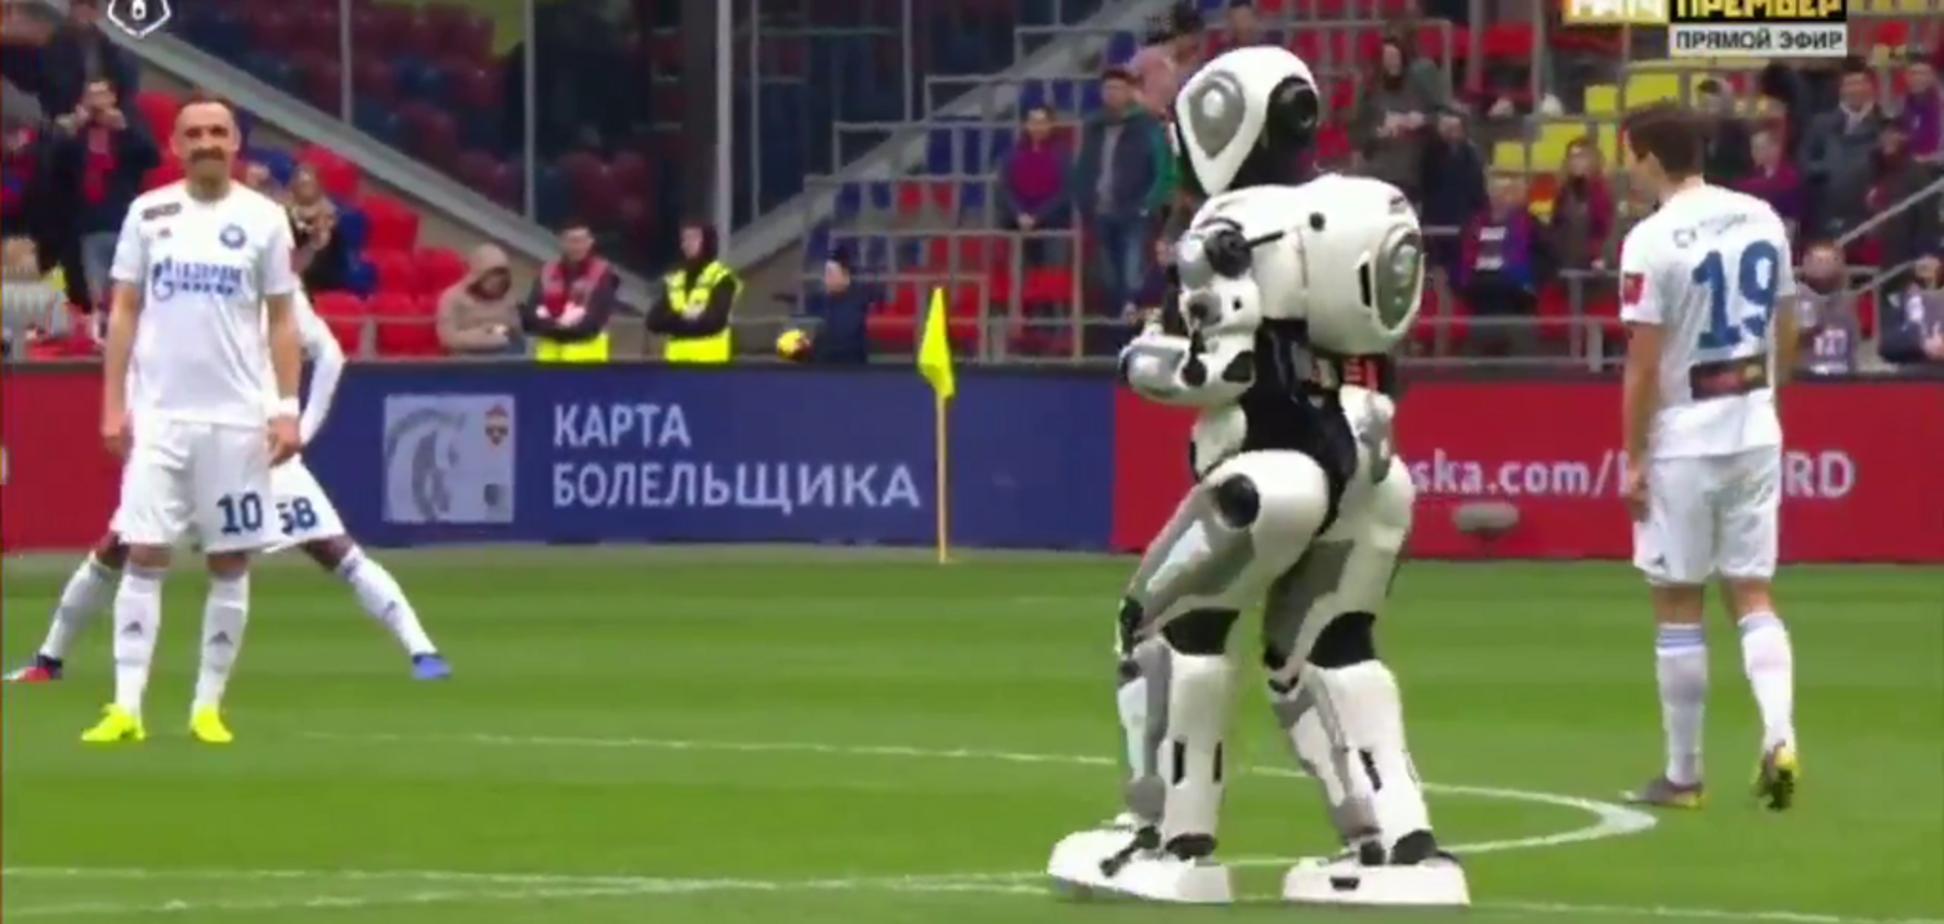 'Какой стыд': в России грандиозно опозорились с 'суперроботом' на футболе